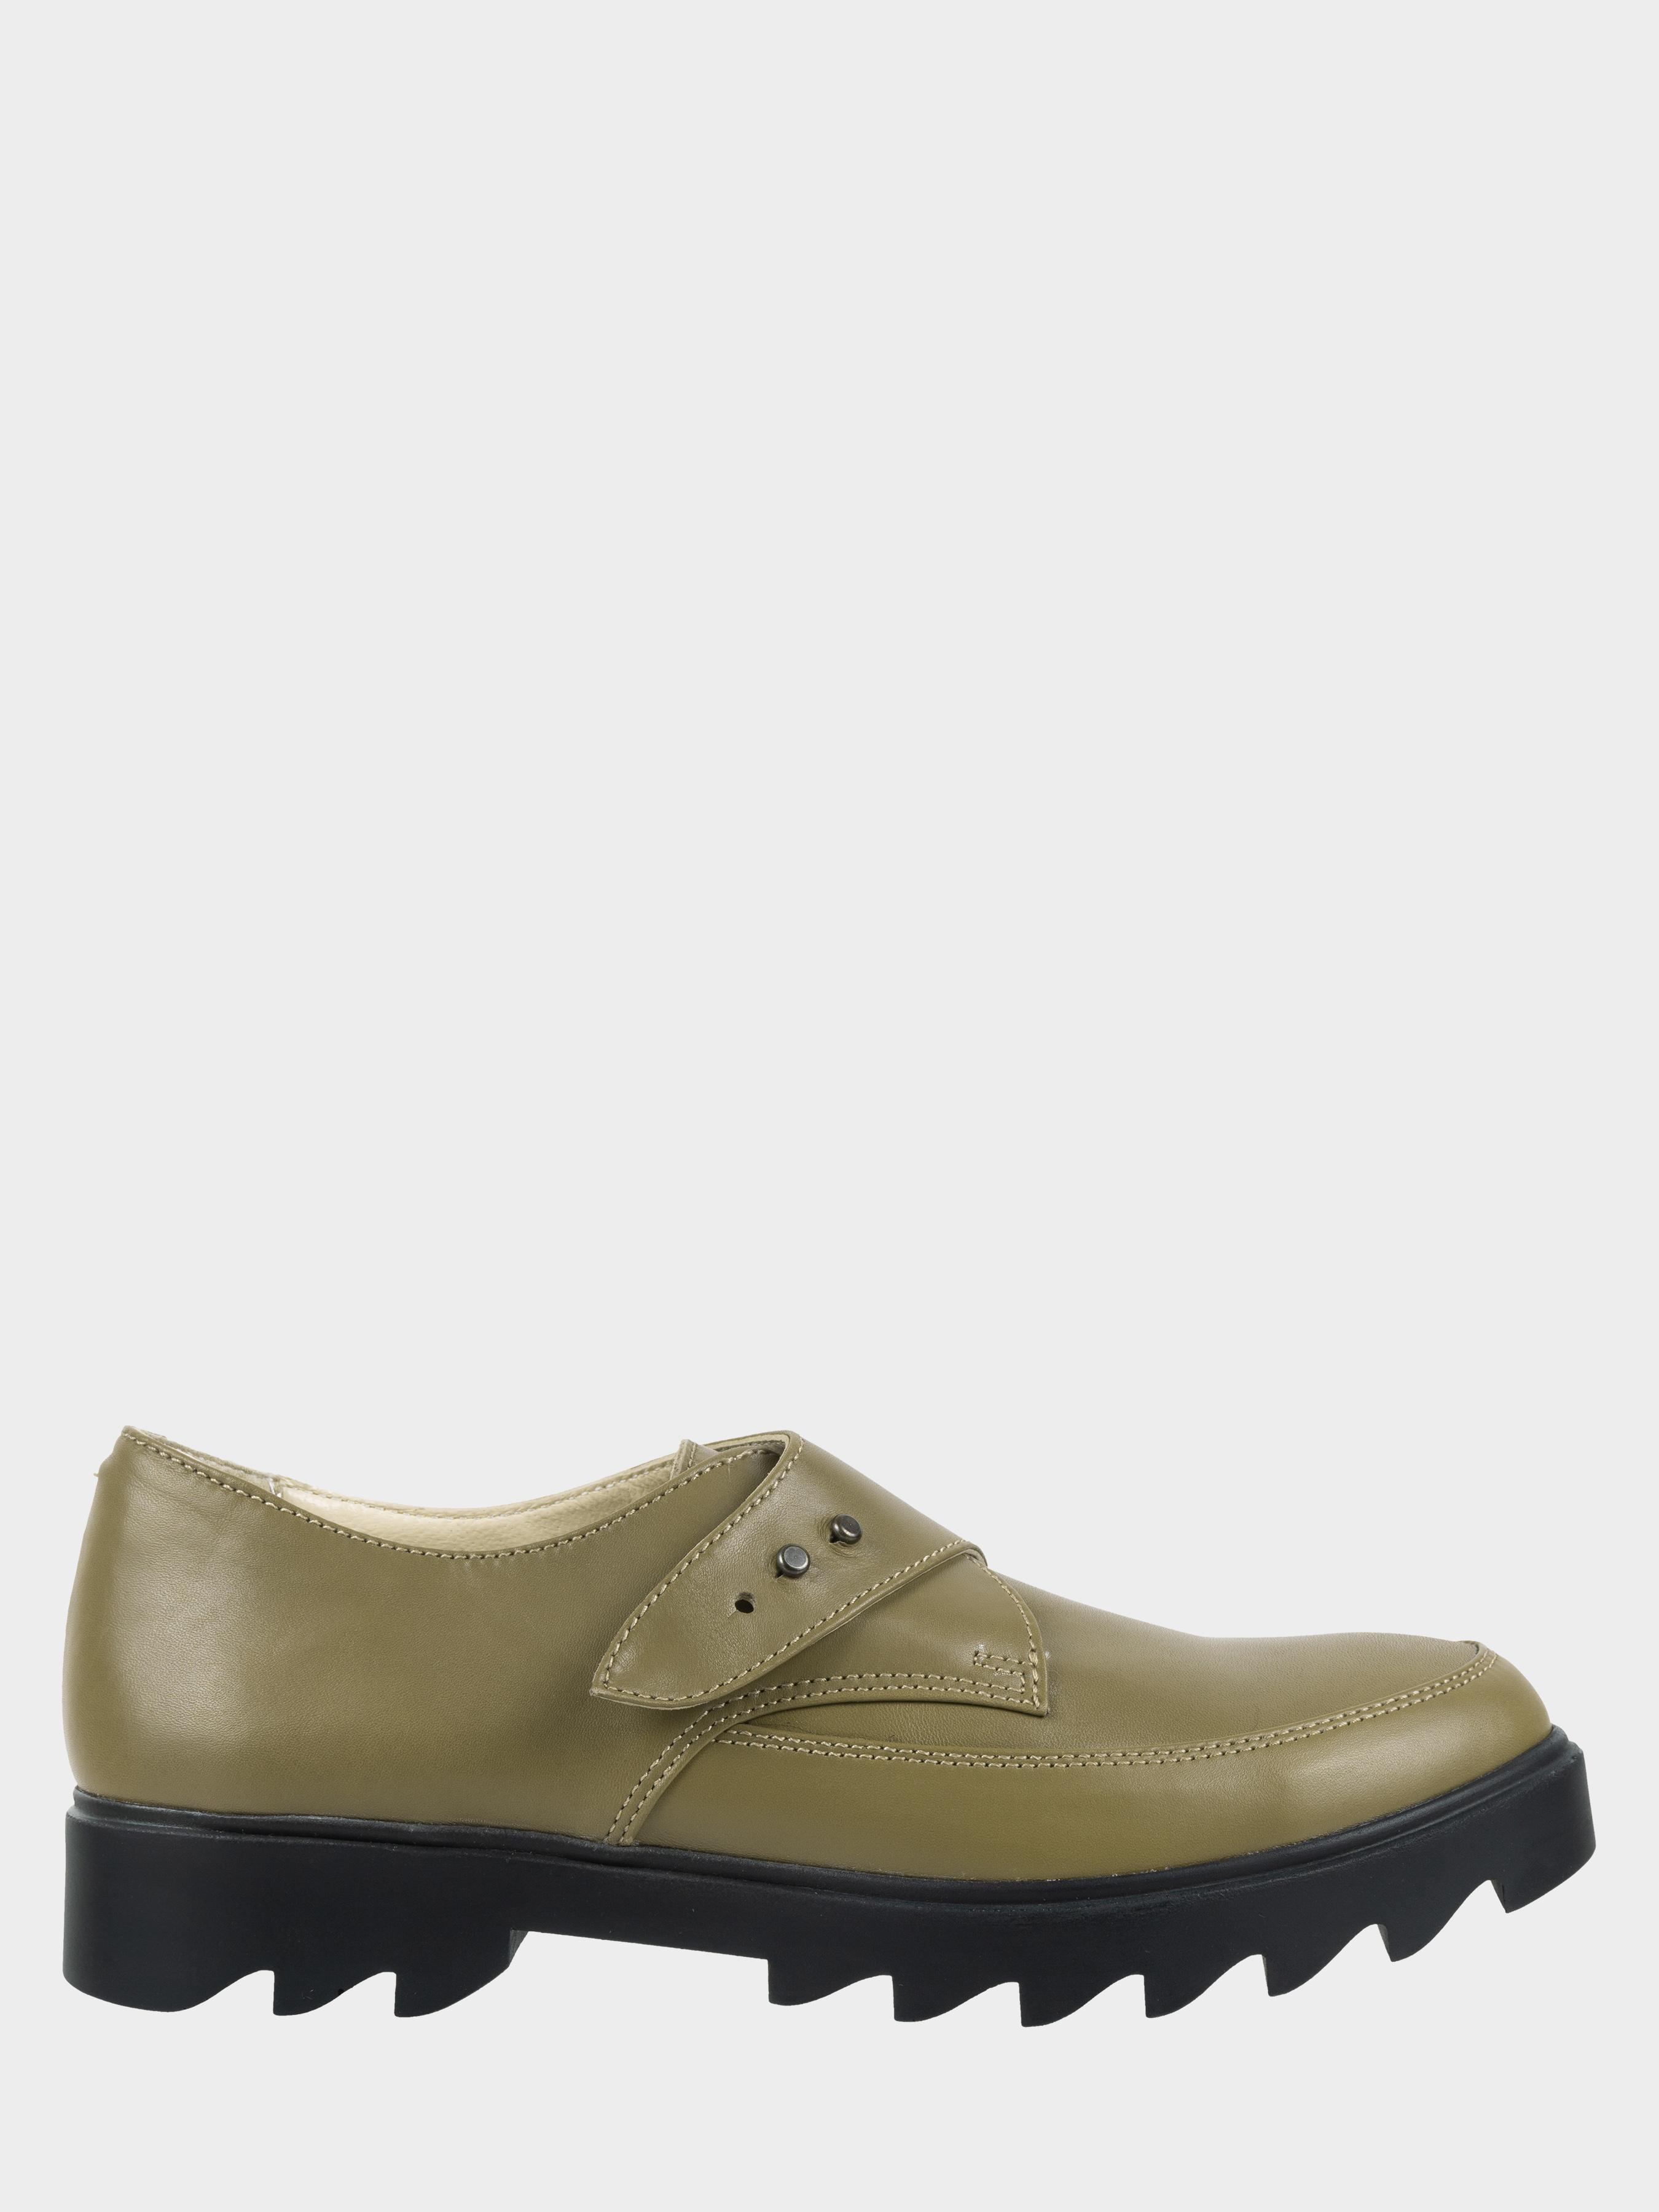 Купить Туфли женские Туфли Алина кожаные оливкового цвета 100106, Fatyanova, Зеленый